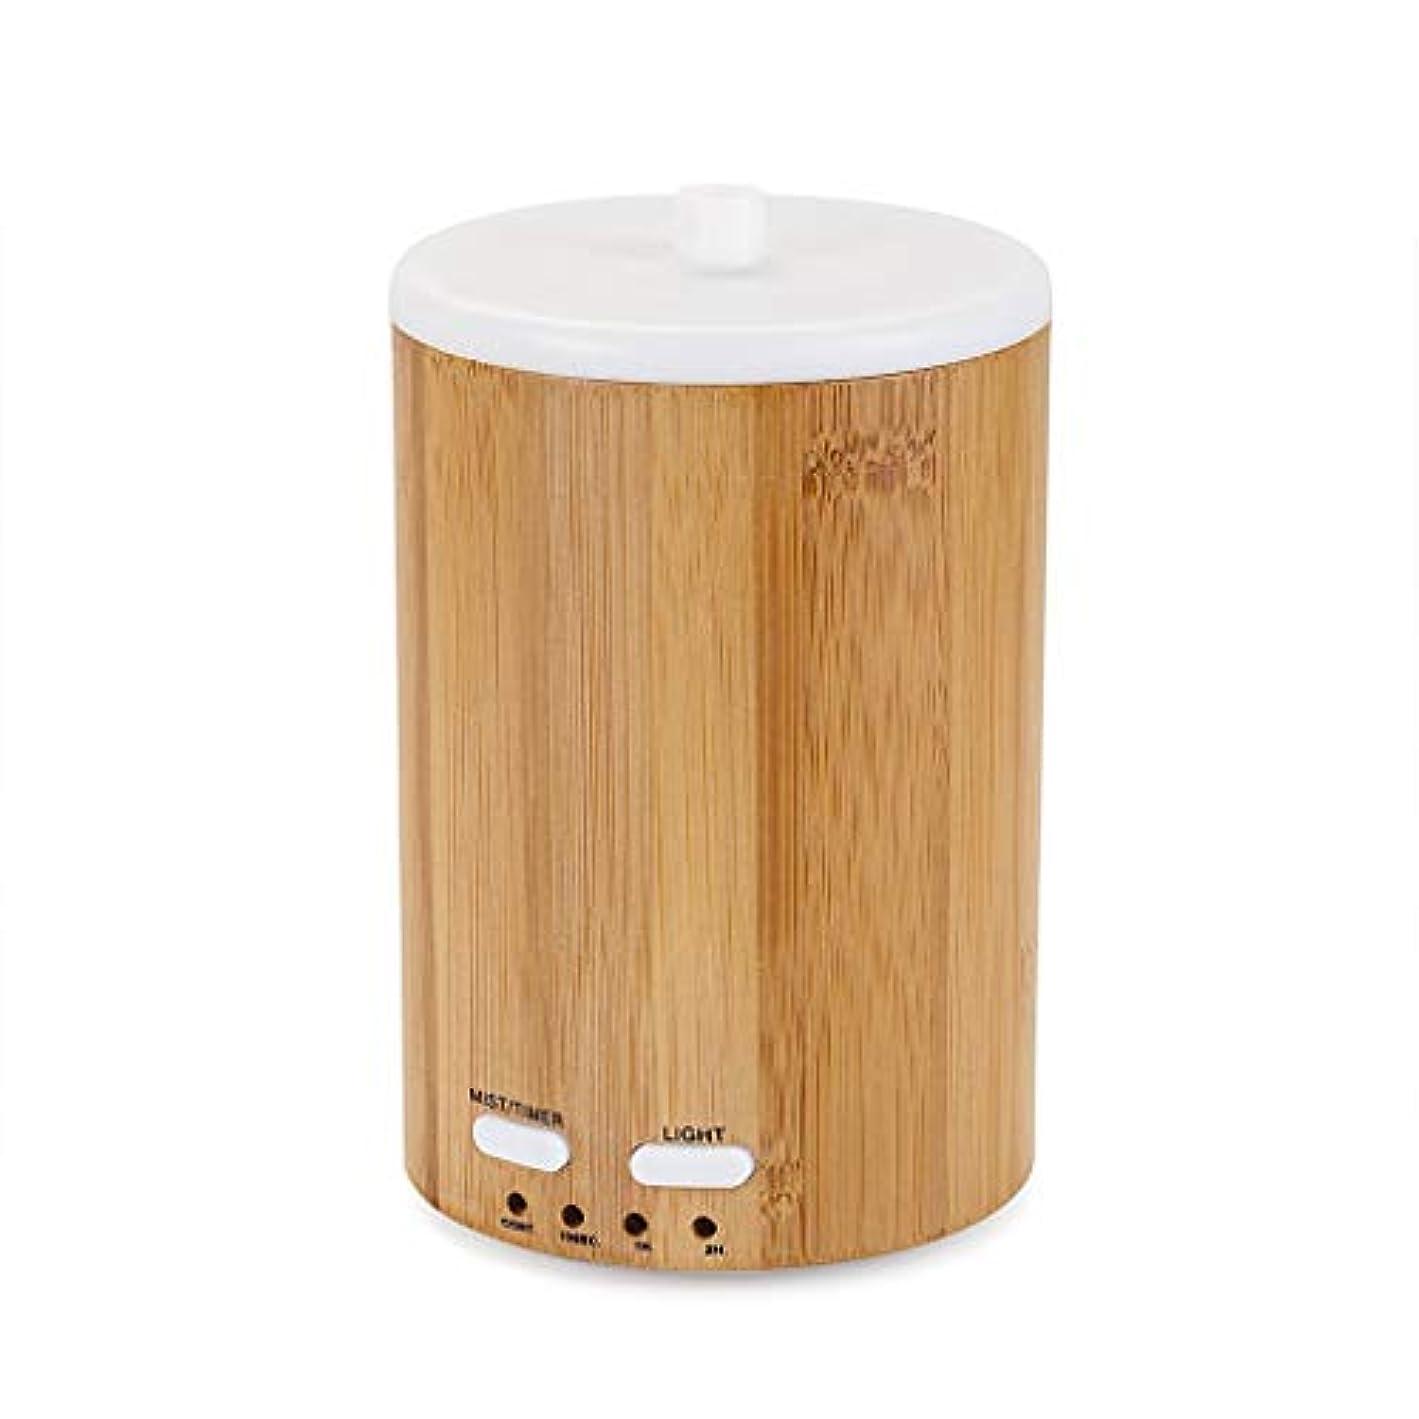 運命ヤギ受粉するアップグレードされたリアル竹ディフューザー超音波ディフューザークールミスト加湿器断続的な連続ミスト2作業モードウォーターレスオートオフ7色LEDライト (Color : Bamboo)